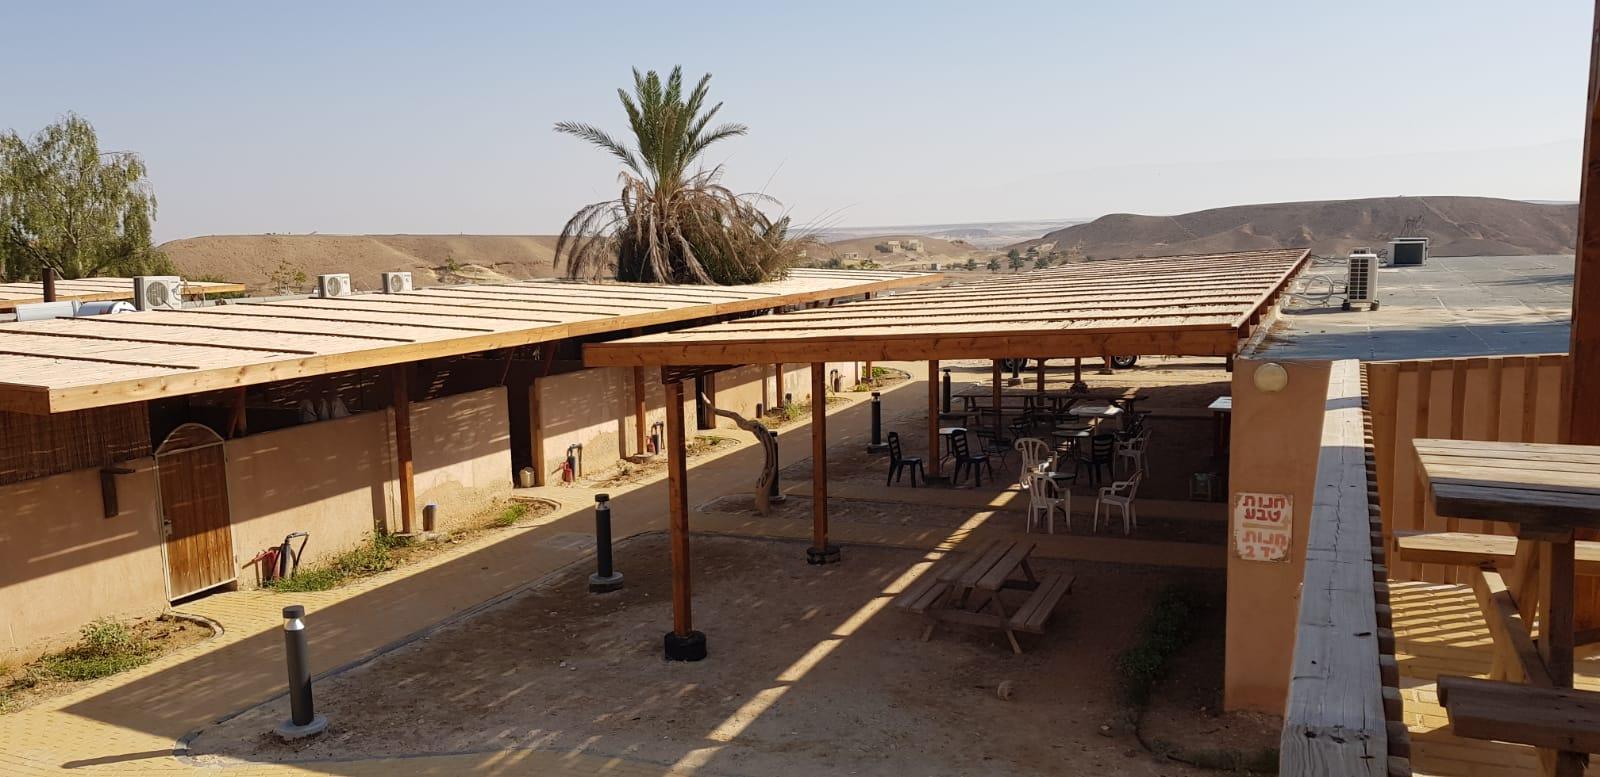 שיקום ופיתוח כפר האומנים צוקים תמונה 2